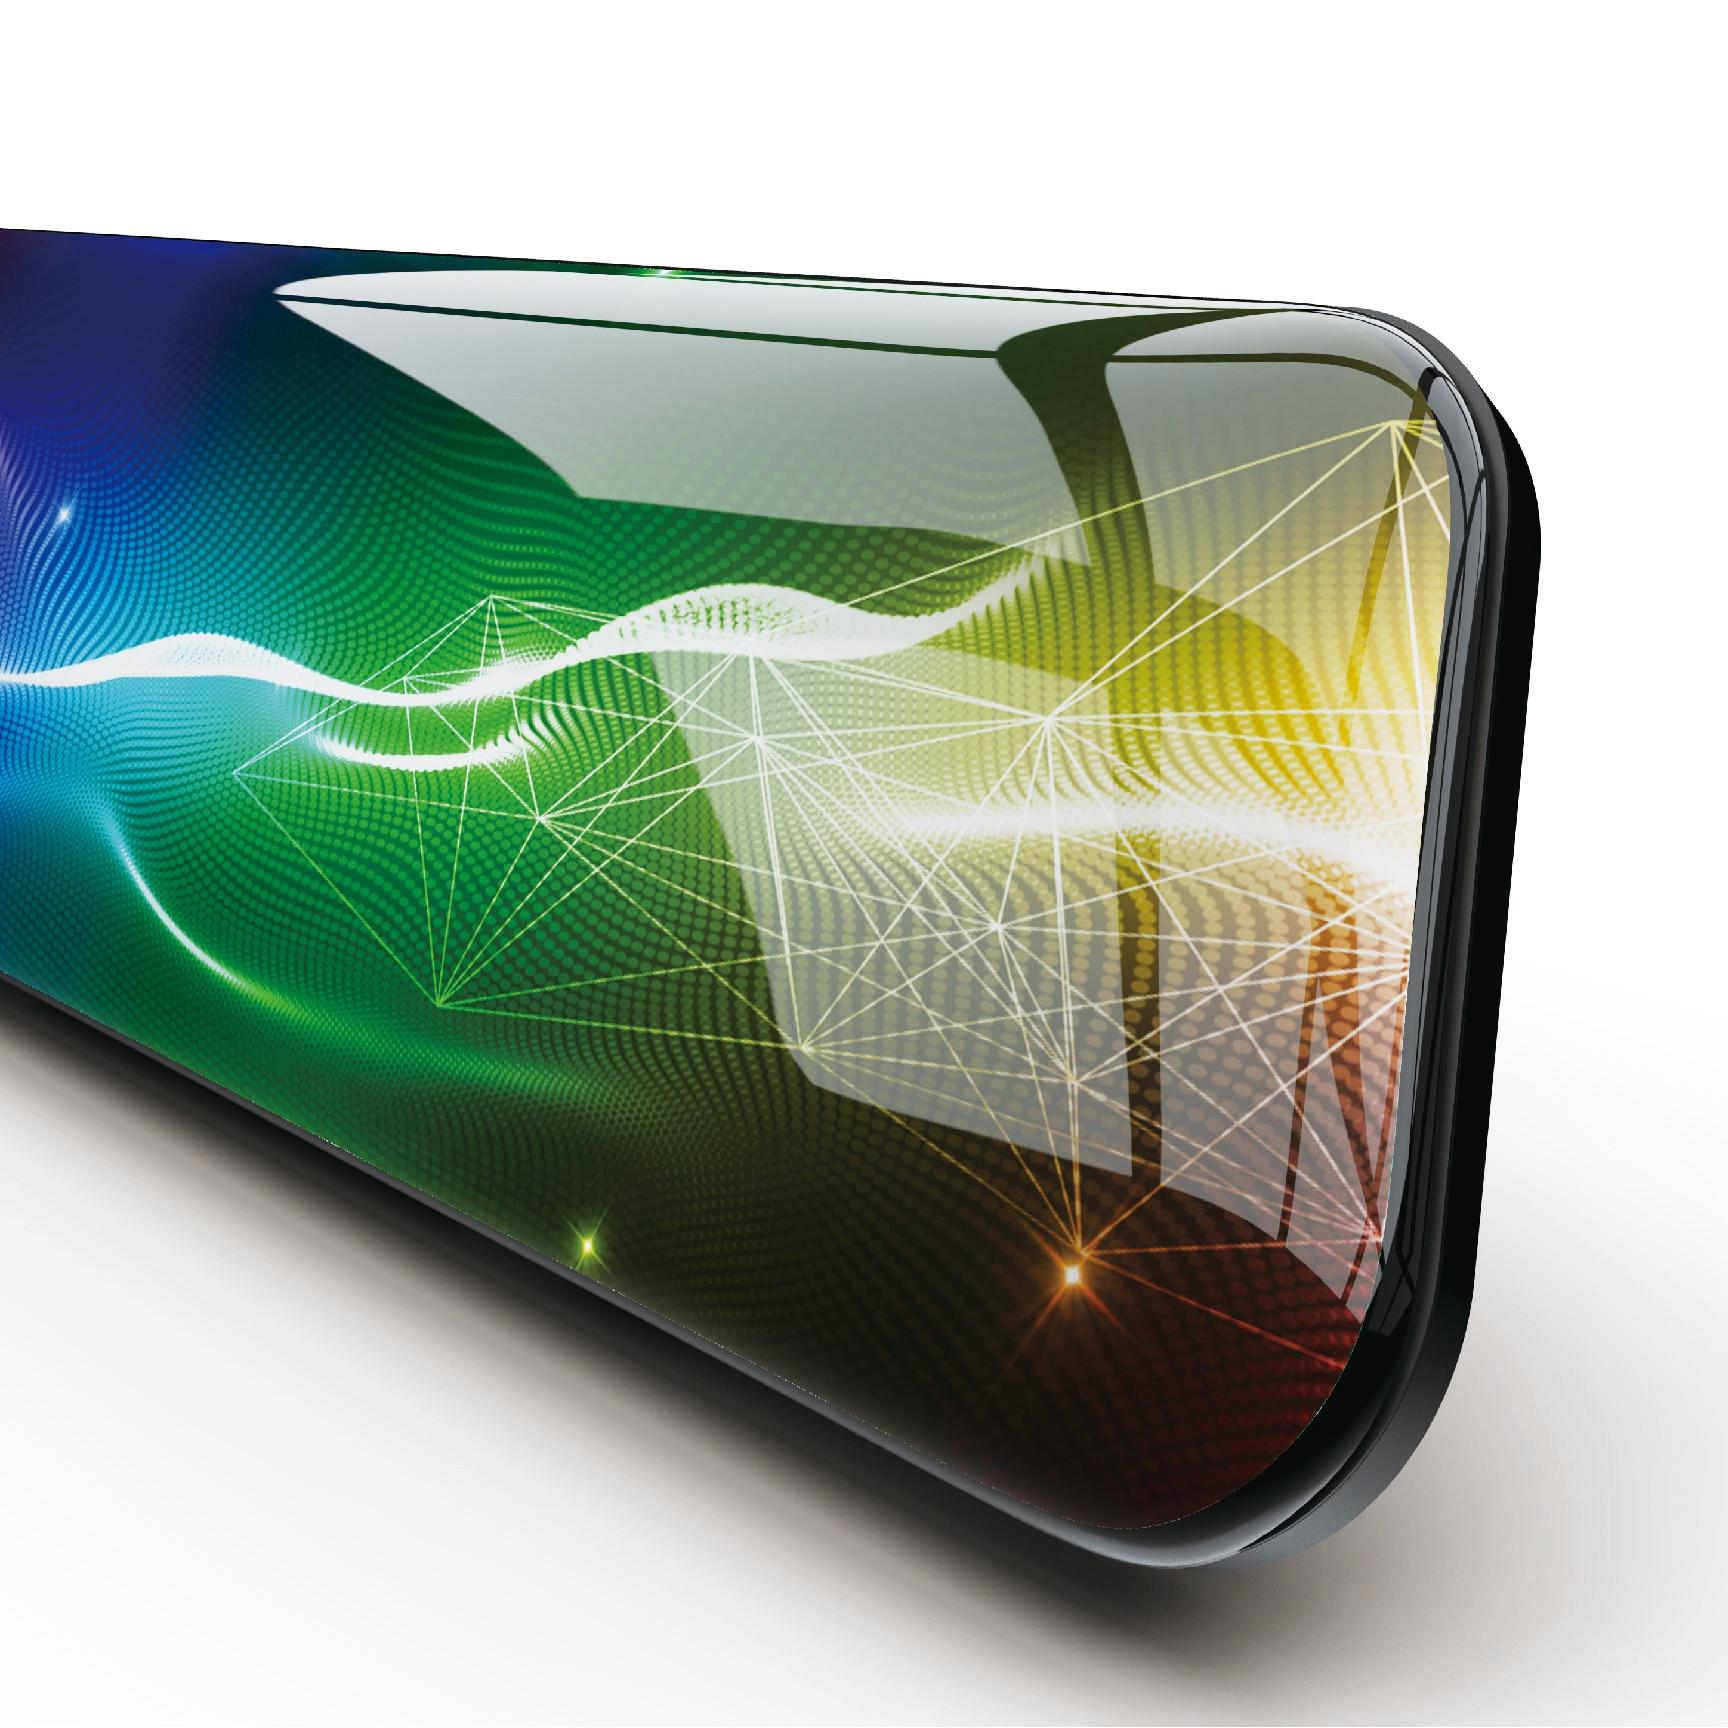 IP IPS 100% оригинальный полный экран 9,35 Дюймов Android IPS Двойной WIFI зеркало видеорегистратор Автомобильный видеорегистратор Камера